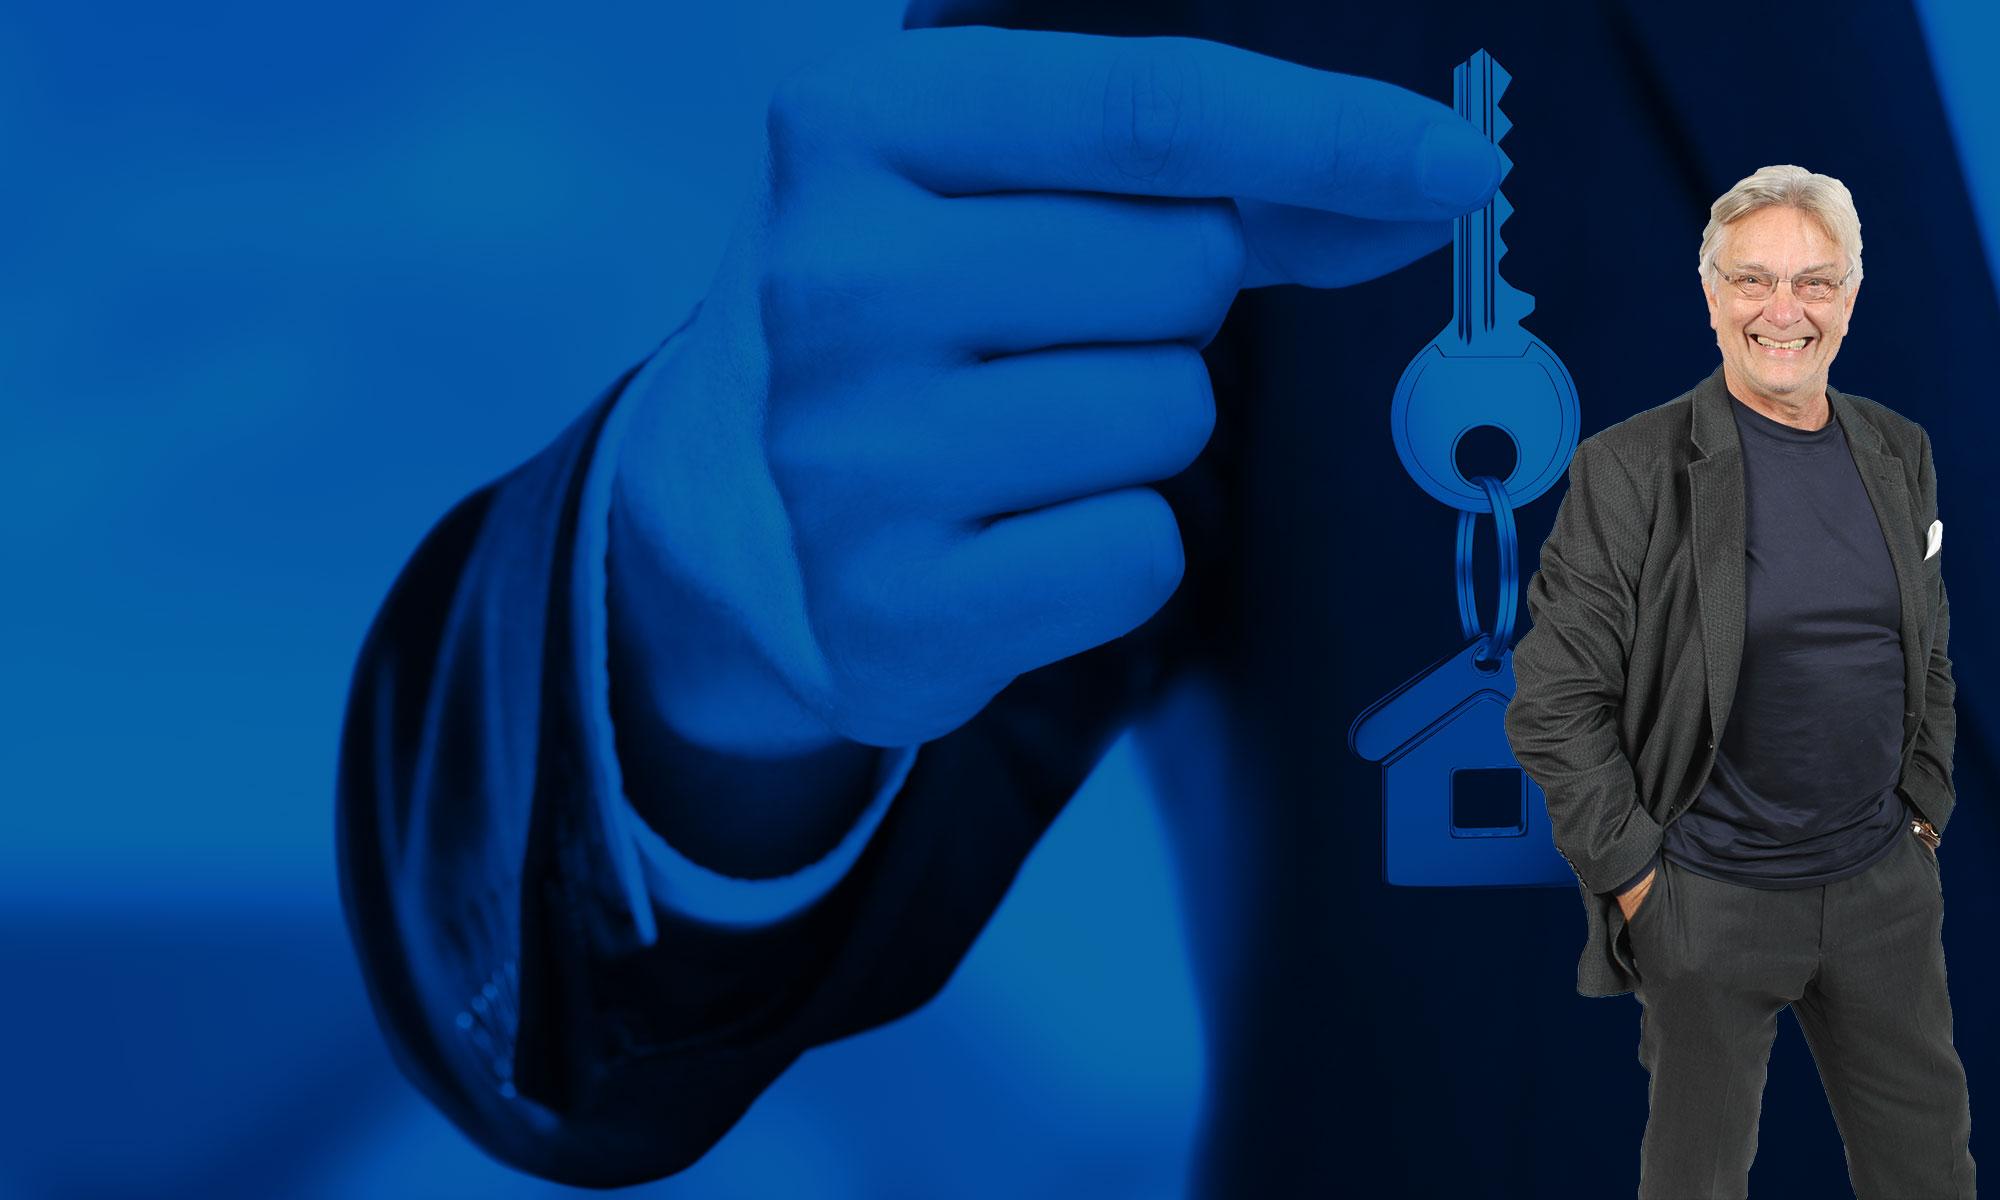 Bostadsbloggen: Billigare att köpa bostad på Costa del Sol fram till 31 december 2021!